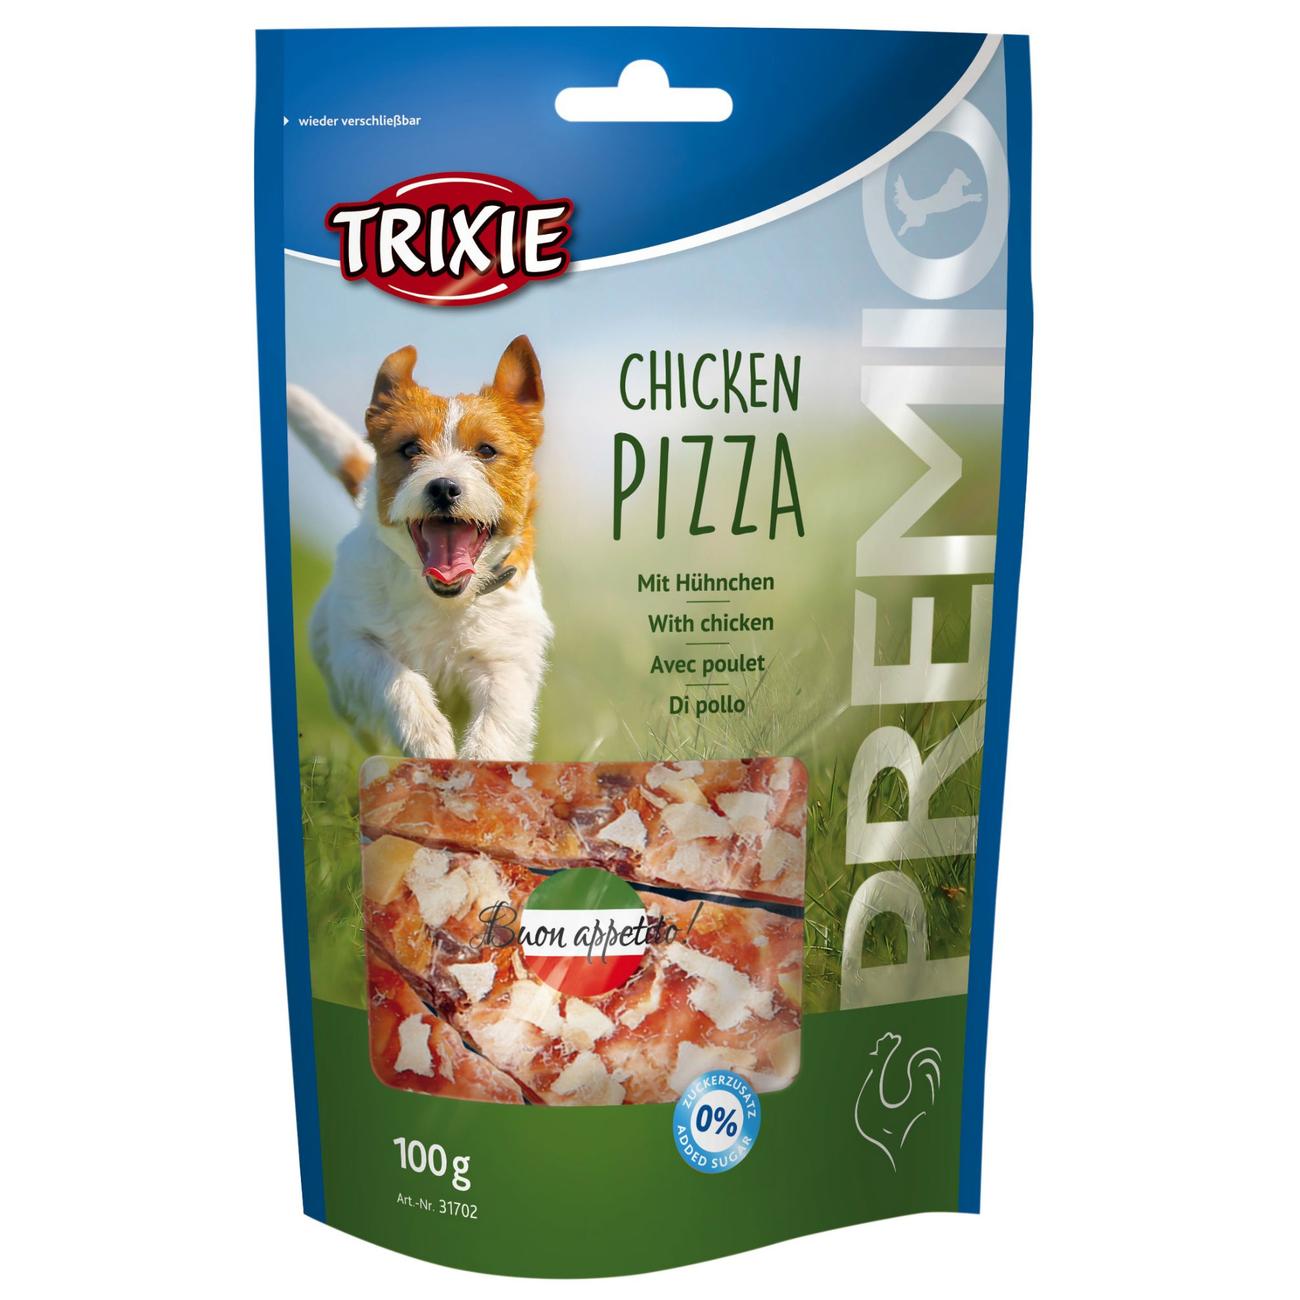 Trixie Premio Chicken Pizza Hundesnack 31702